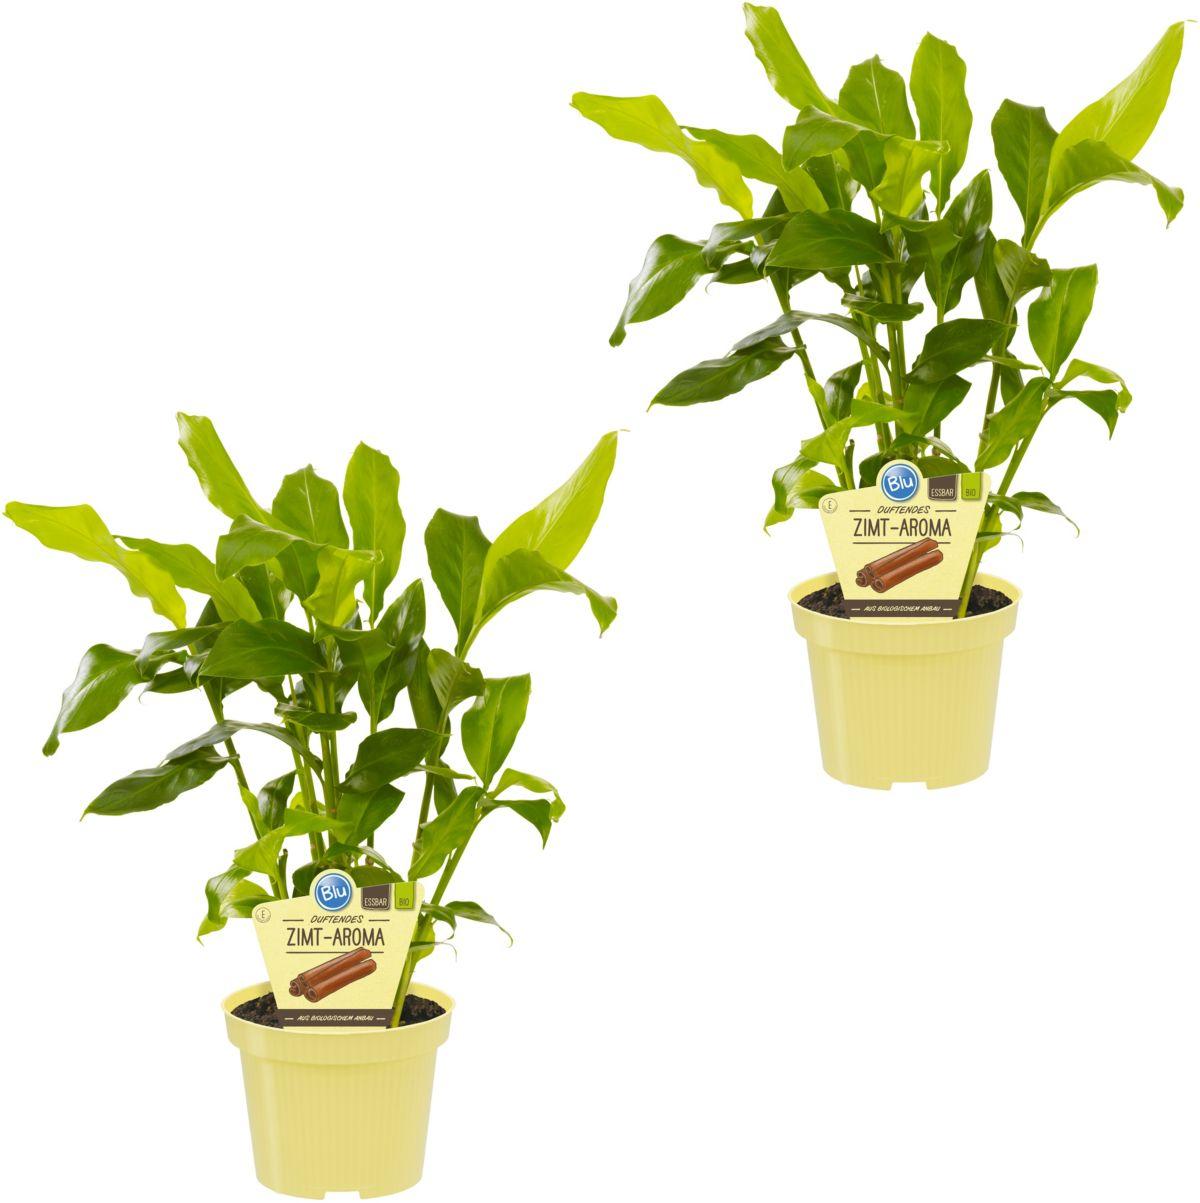 Zimmerpflanze »Zimtaroma«, Höhe: 15 cm, 2 Pflanzen